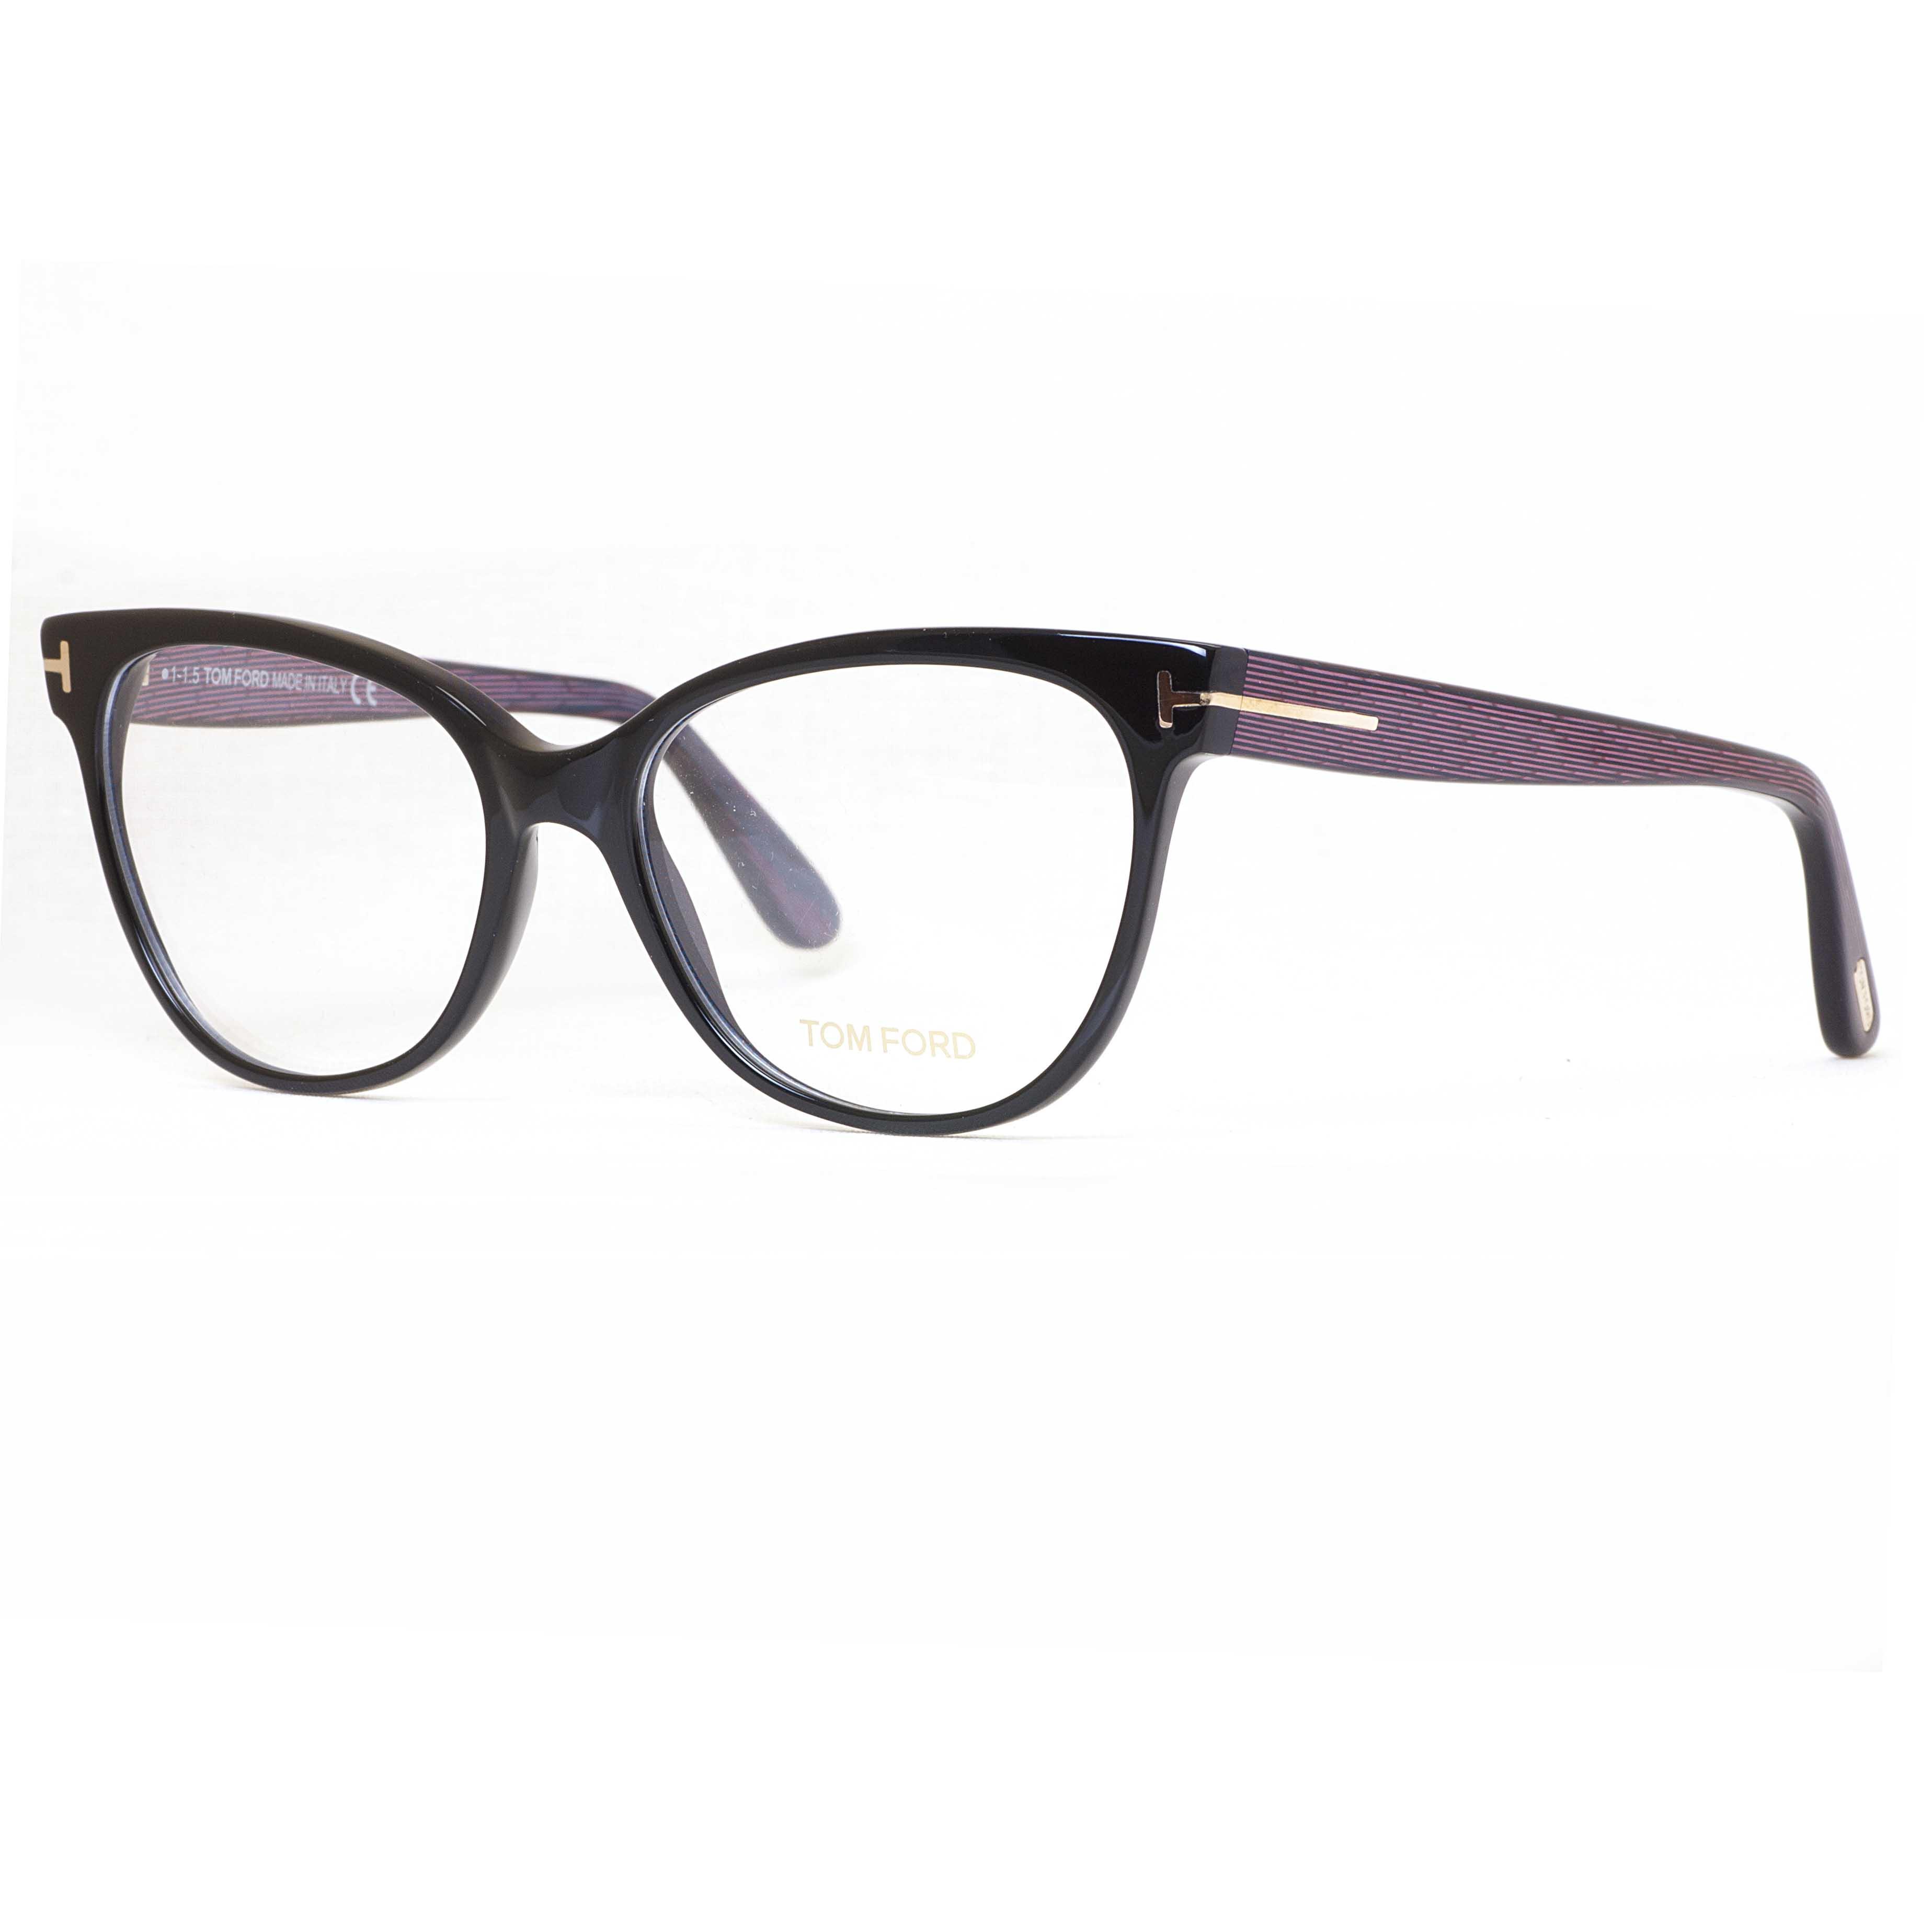 Tom Ford TF 5291 005 55mm Black Blue/Purple Stripes Cat ...